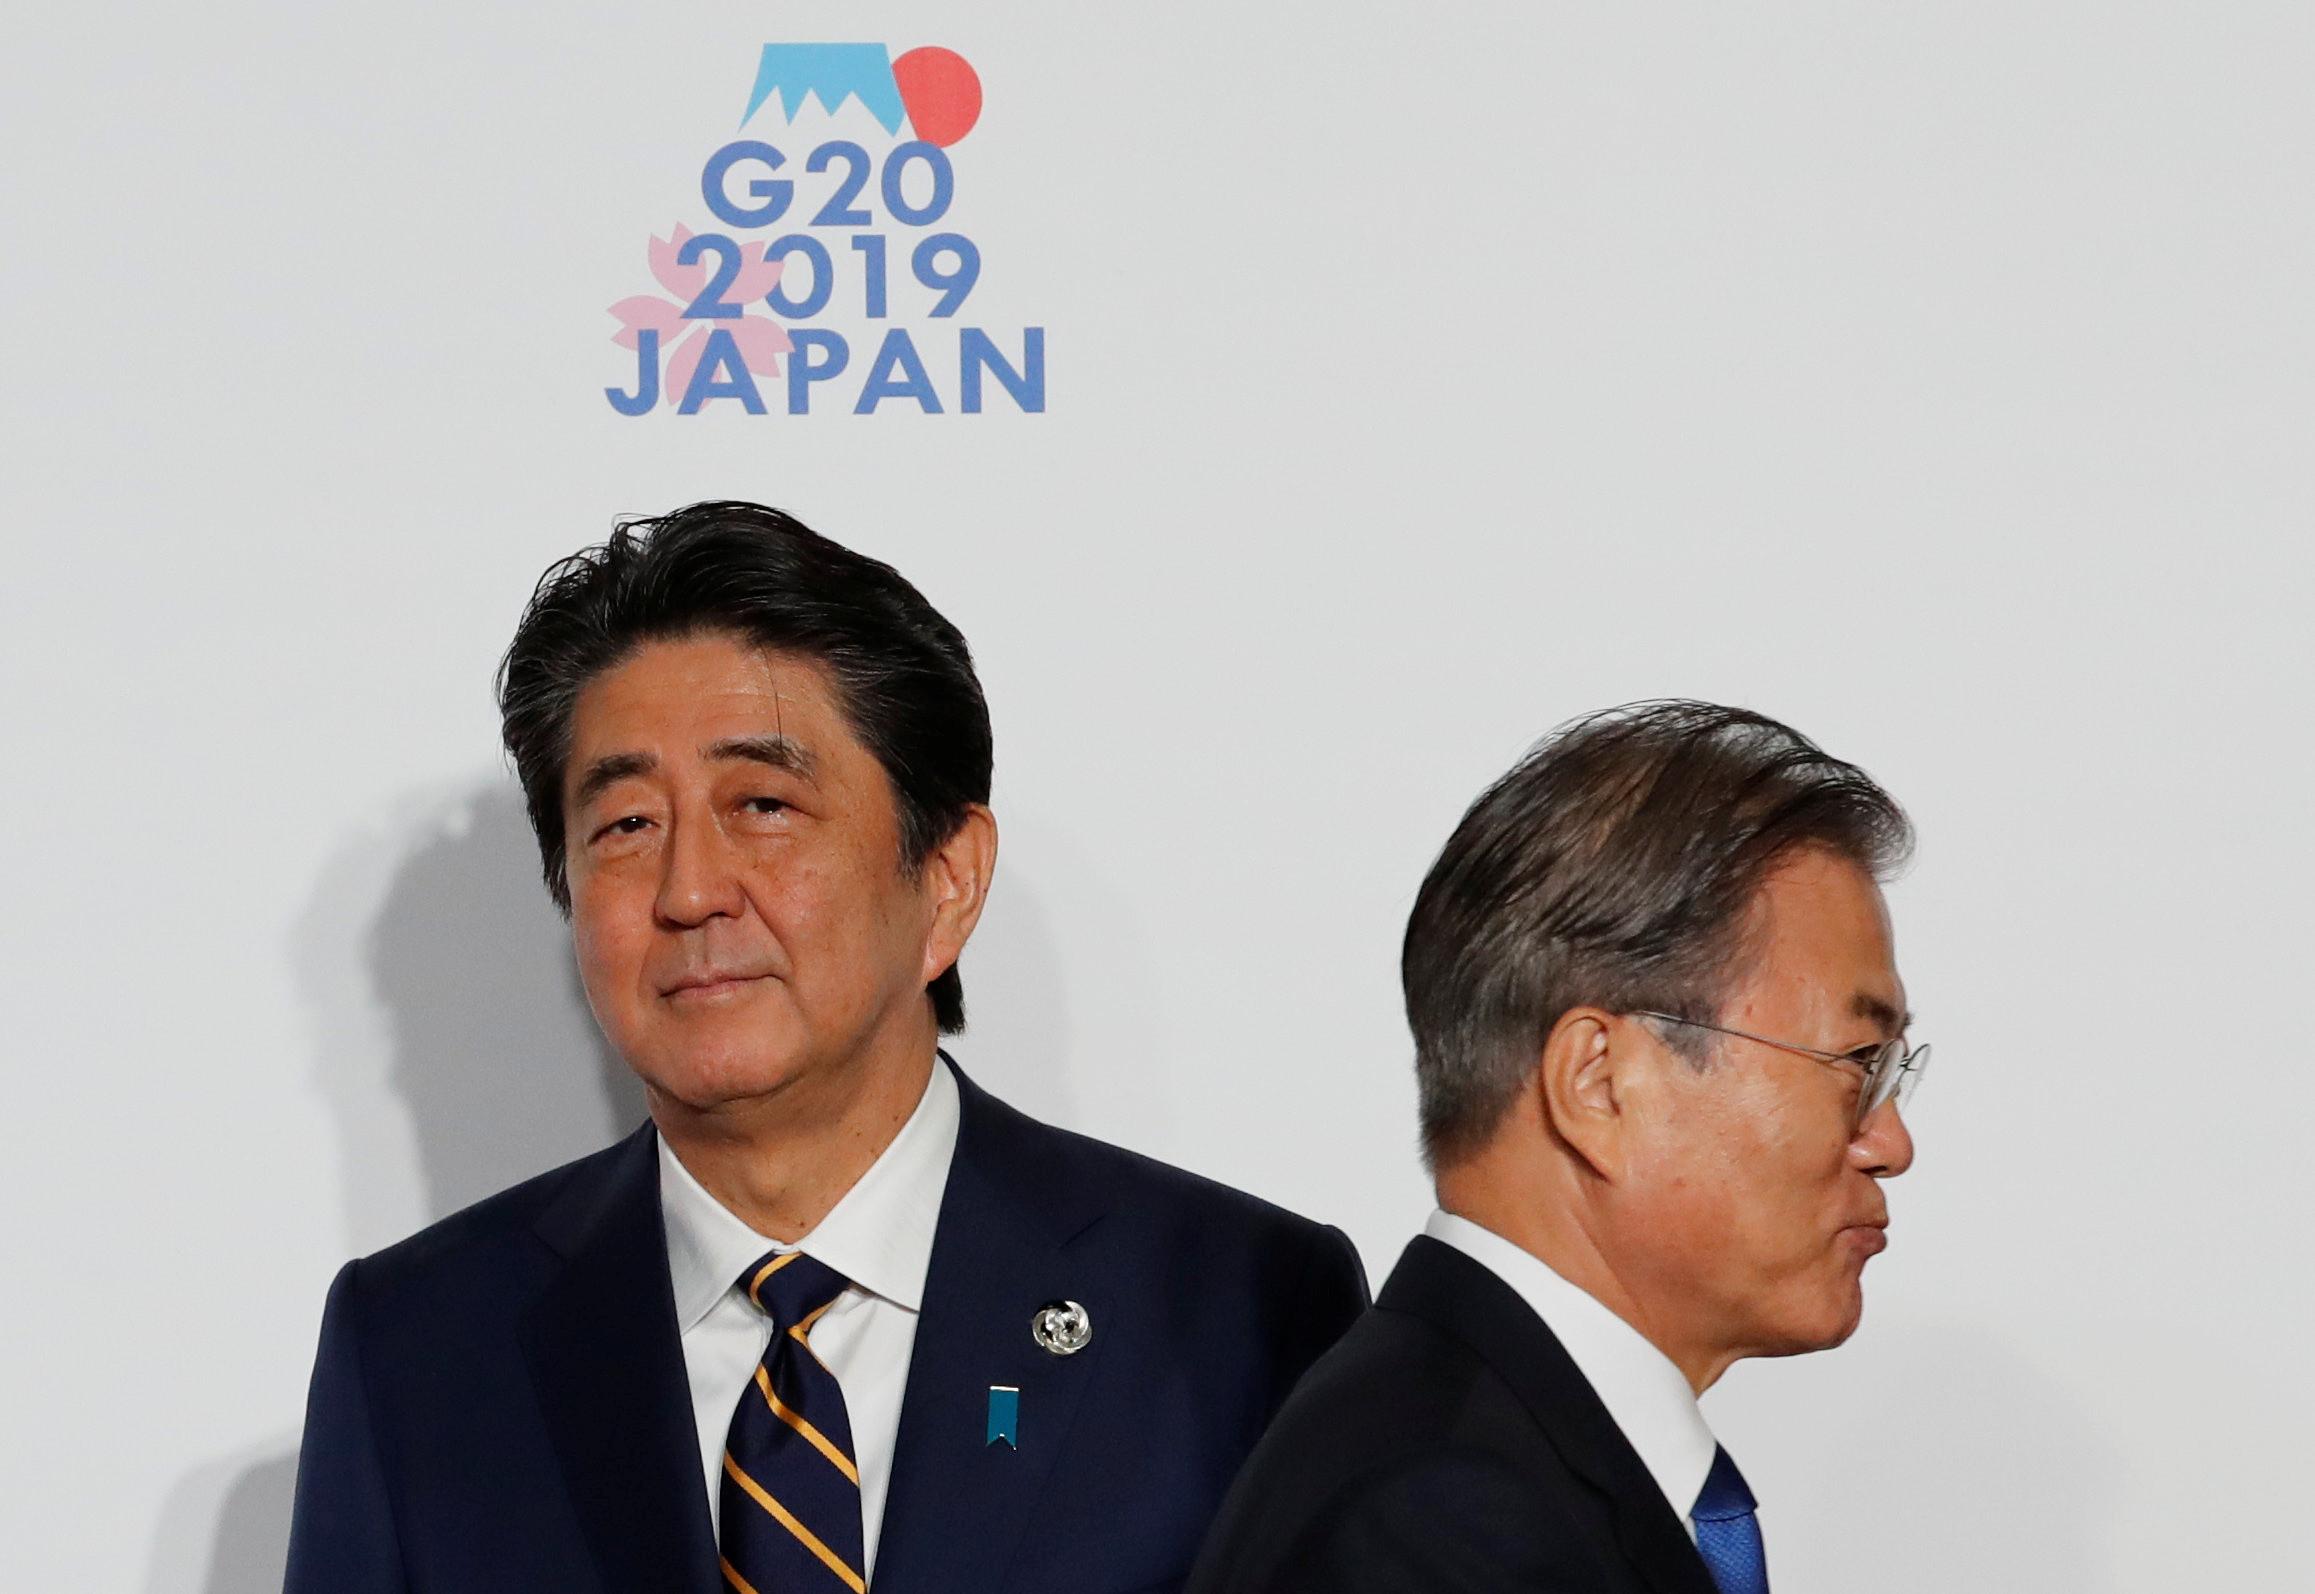 ▲▼南韓,日本,G20,文在寅,安倍晉三(圖/路透社)